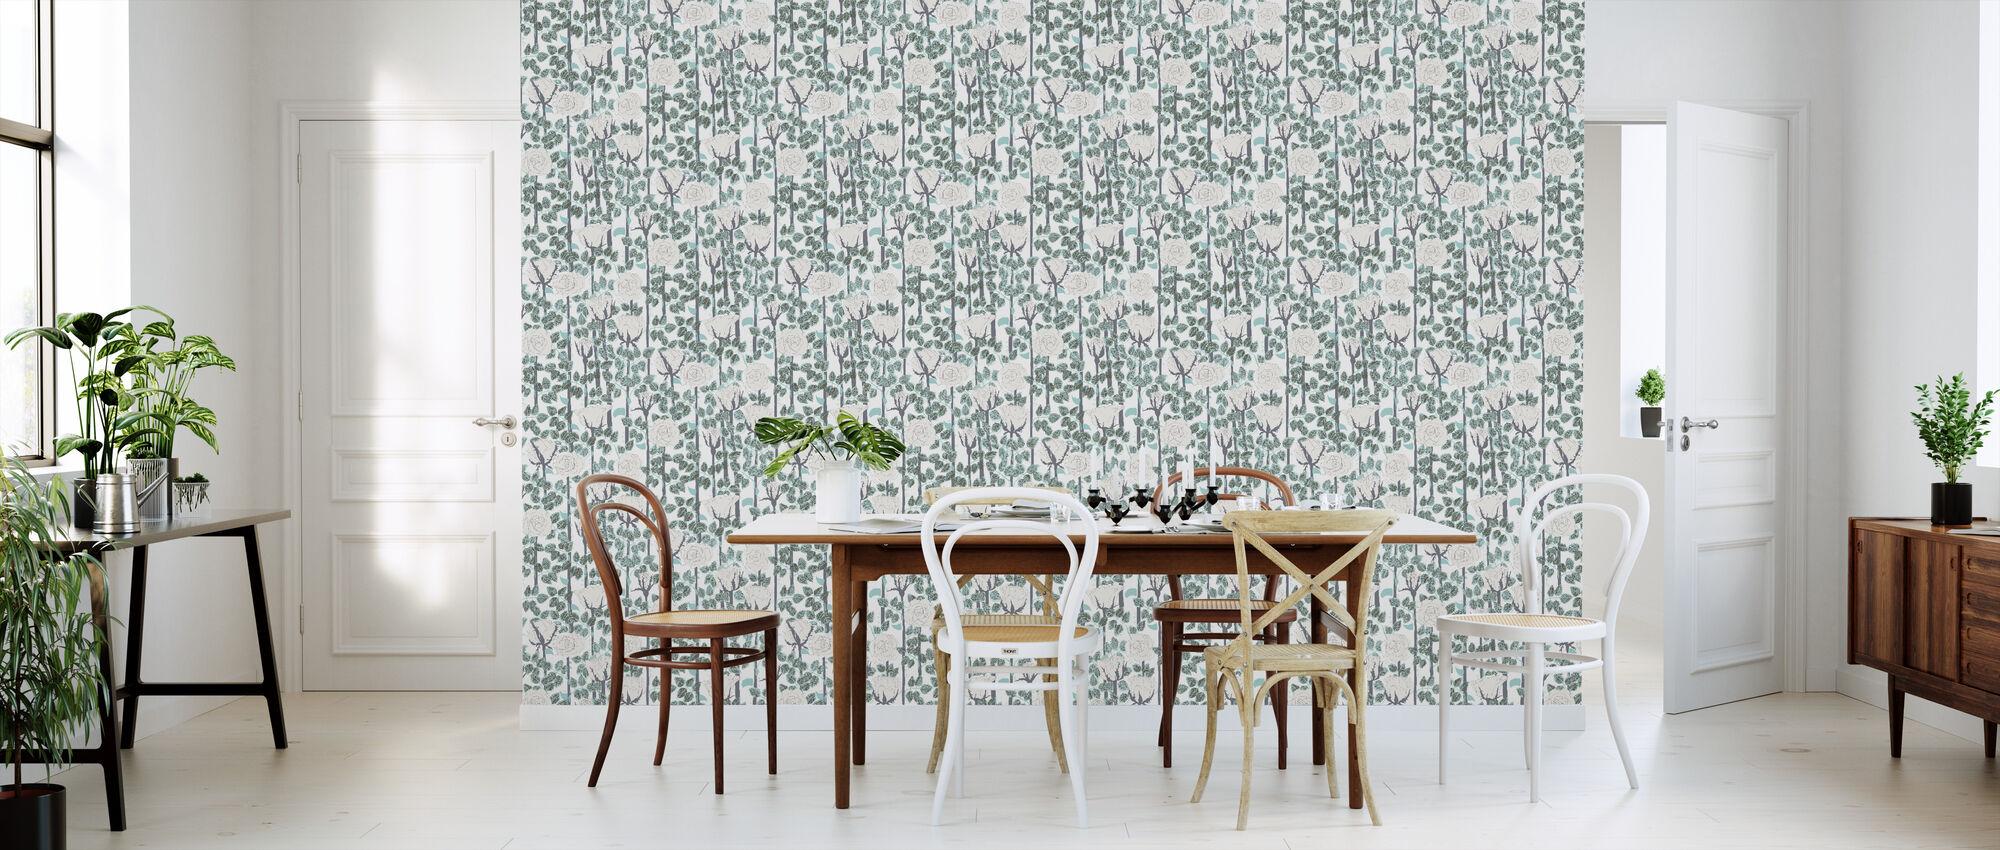 Rose - White - Wallpaper - Kitchen